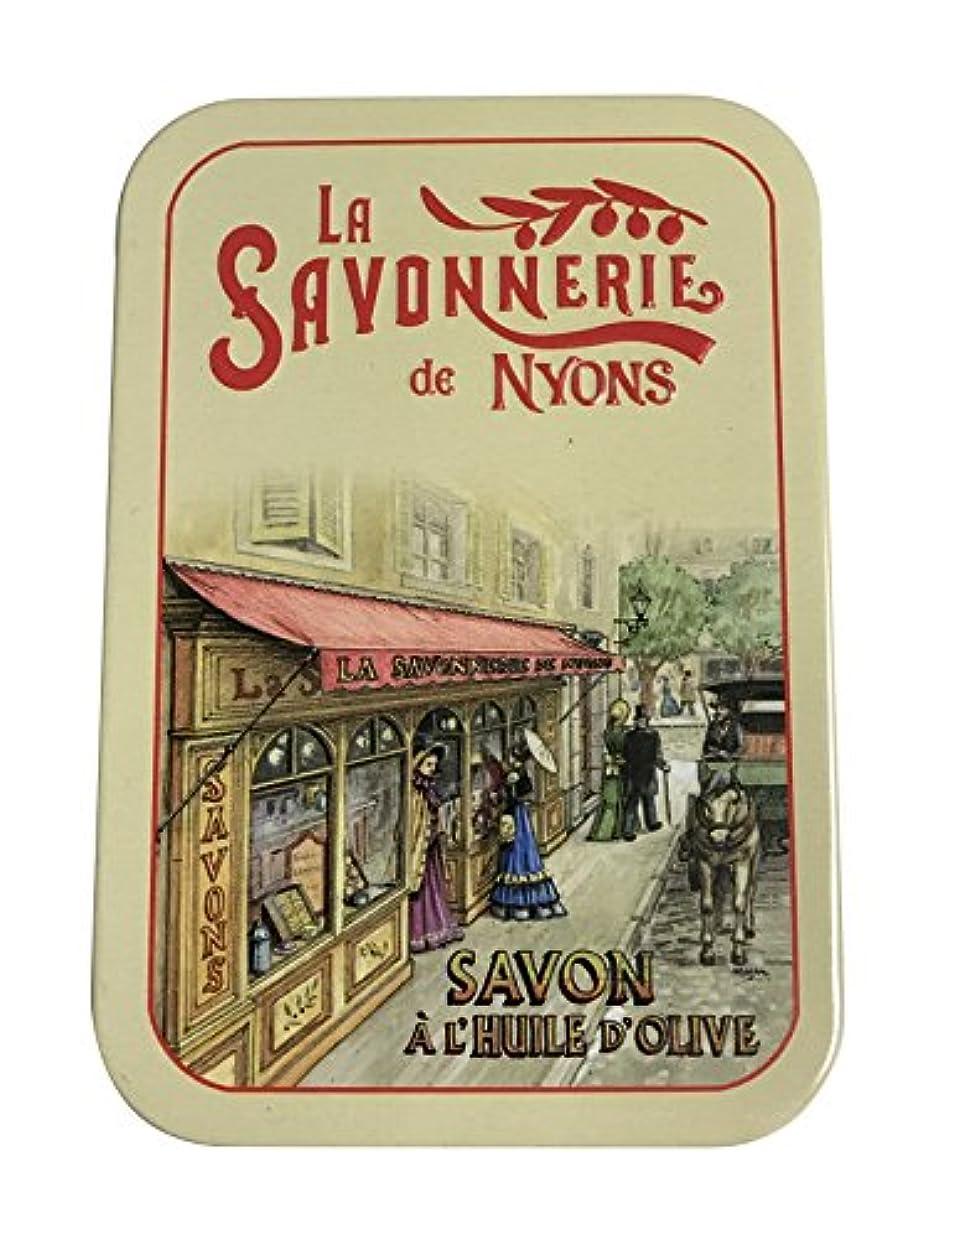 我慢する値するバンドラ?サボネリー アンティーク缶入り石鹸 タイプ200 パリの町並み(コットンフラワー)